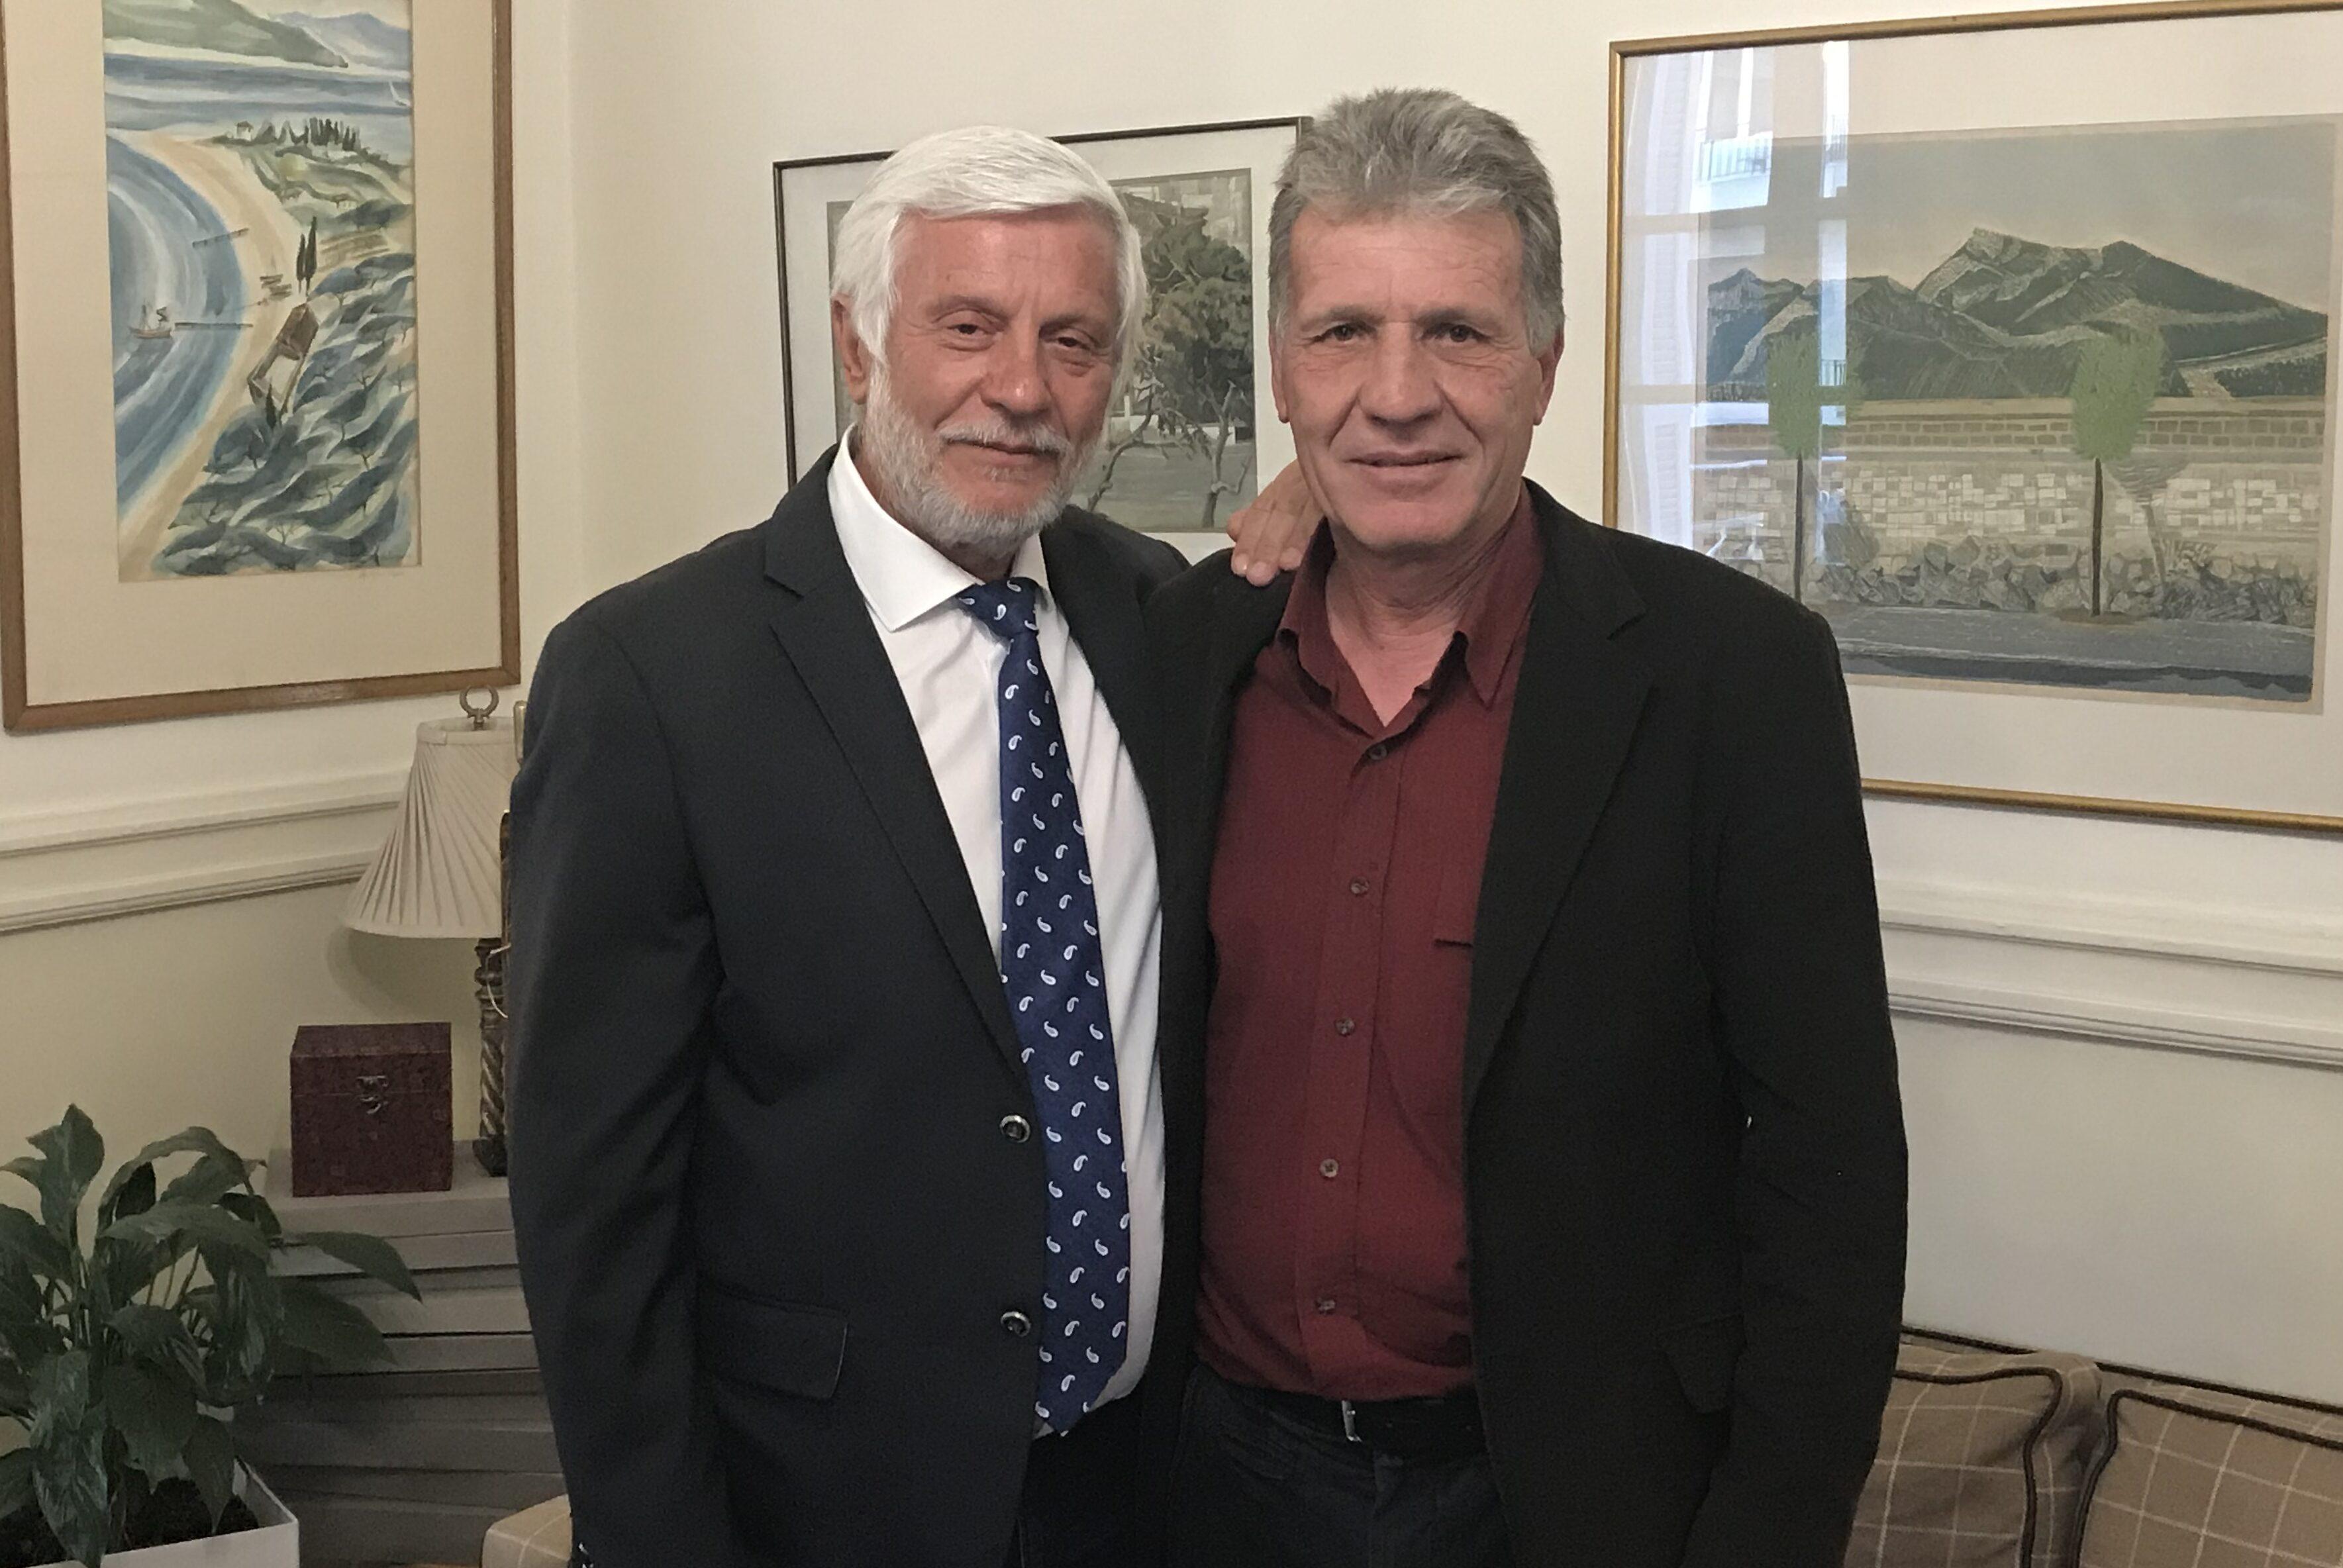 Την υποψηφιότητα του Τάκη Στασινού με τη Νέα Πελοπόννησο στη Μεσσηνία ανακοίνωσε ο Τατούλης